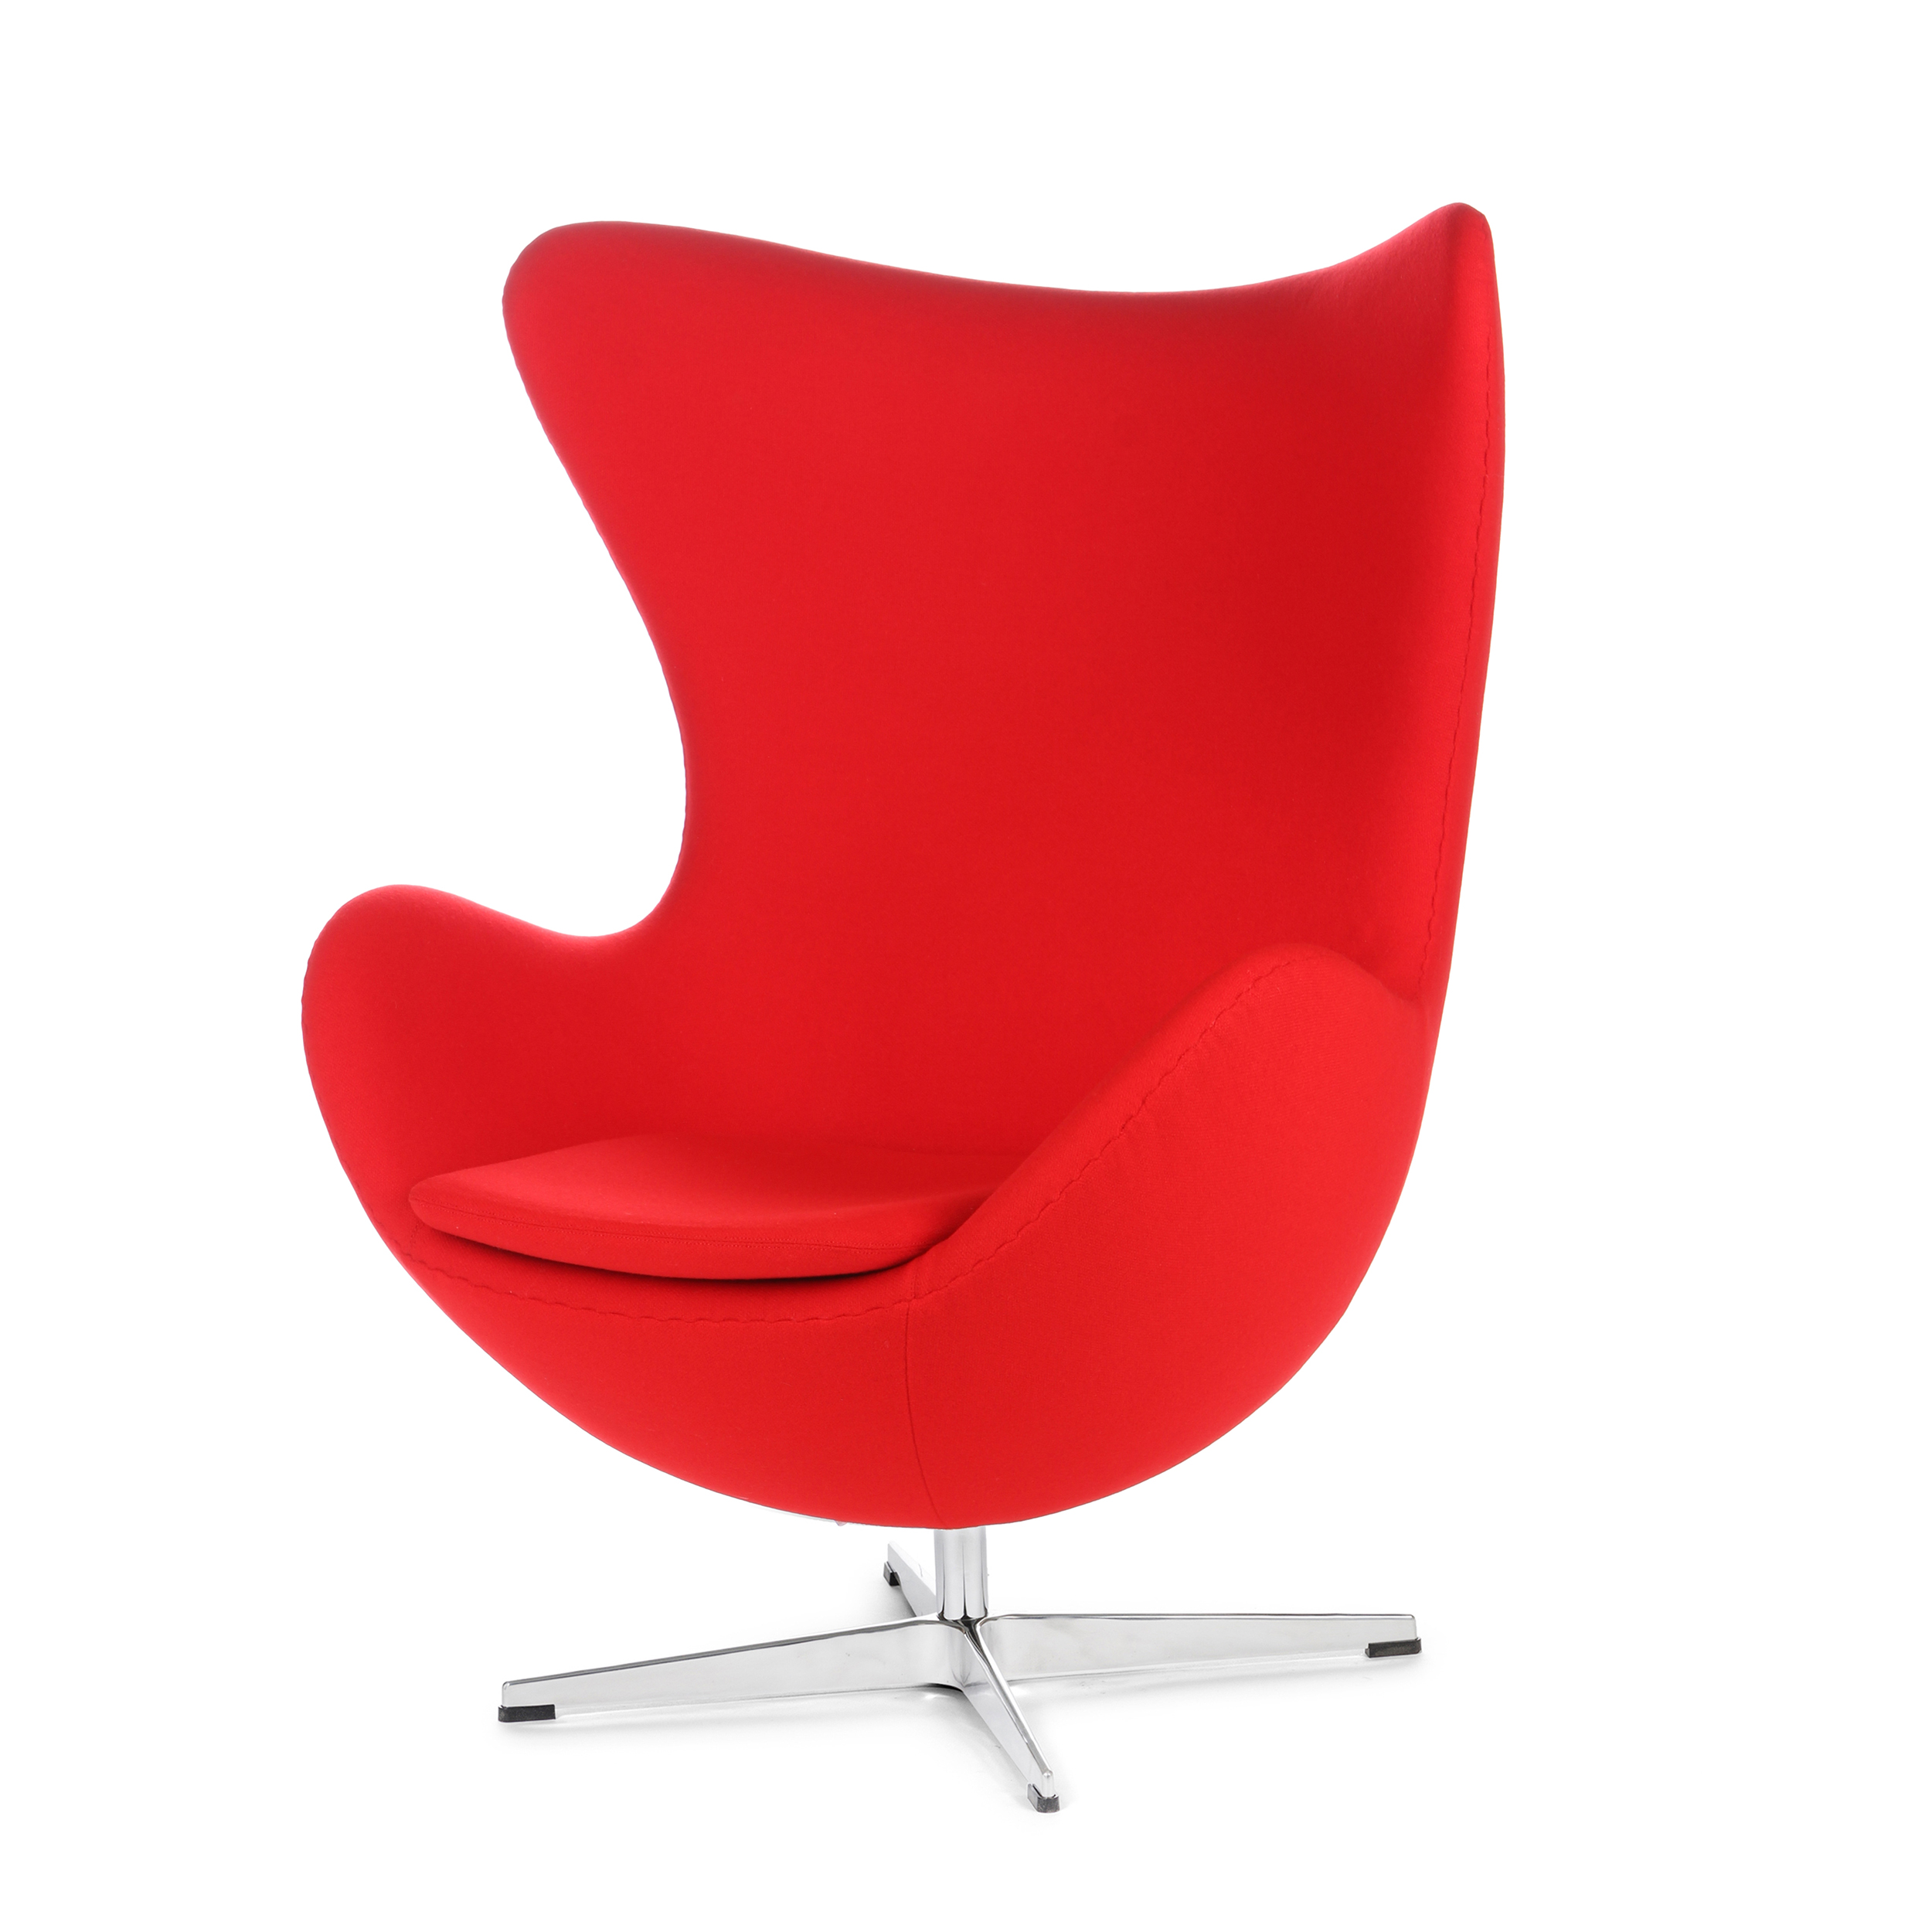 Кресло EggИнтерьерные<br>Дизайнерское комфортное кресло Egg (Эгг) в форме яйца на узкой ножке от Cosmo (Космо).<br><br><br> Кресло, своими очертаниями напоминающее яйцо, — одно из самых известных творений датского дизайнера Арне Якобсена. Вряд ли оно когда-нибудь выйдет из моды — уж слишком велик диапазон его интерьерных возможностей. Кроме того, обыгрывать данную форму помогают различные фактуры и цвета обивок.<br><br><br> Особенно приятно и солидно смотрится оригинальное кресло Egg в обивке из натуральной кожи, представлен...<br><br>stock: 0<br>Высота: 105,5<br>Высота сиденья: 41<br>Ширина: 87<br>Глубина: 82<br>Цвет ножек: Хром<br>Материал обивки: Шерсть, Нейлон<br>Коллекция ткани: T Fabric<br>Тип материала обивки: Ткань<br>Тип материала ножек: Алюминий<br>Цвет обивки: Красный